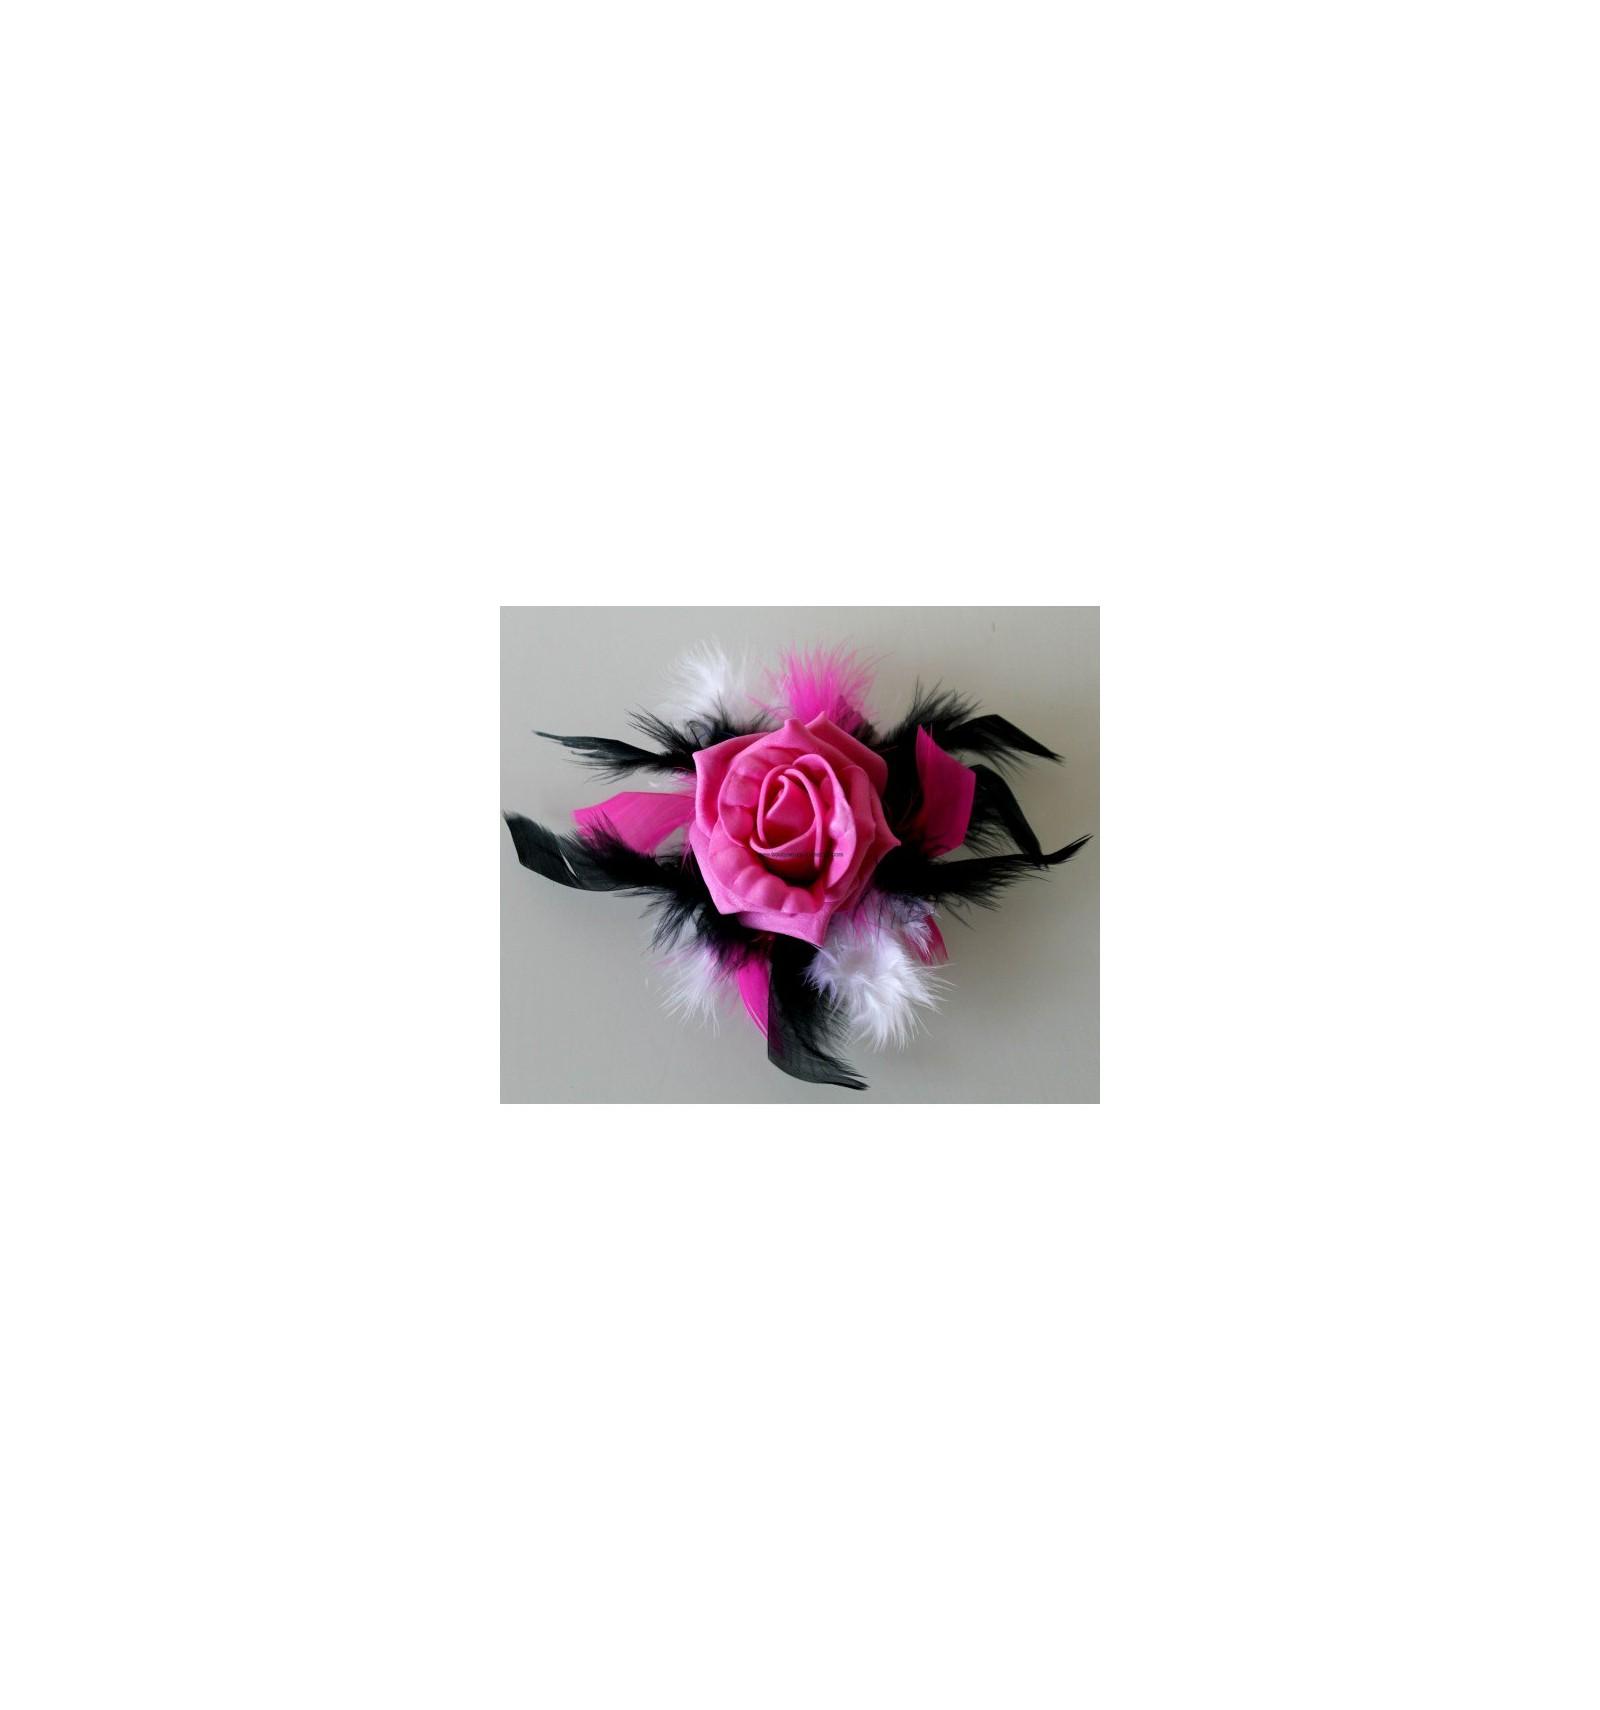 Décoration verre à pied blanc fuchsia noir roses plumes